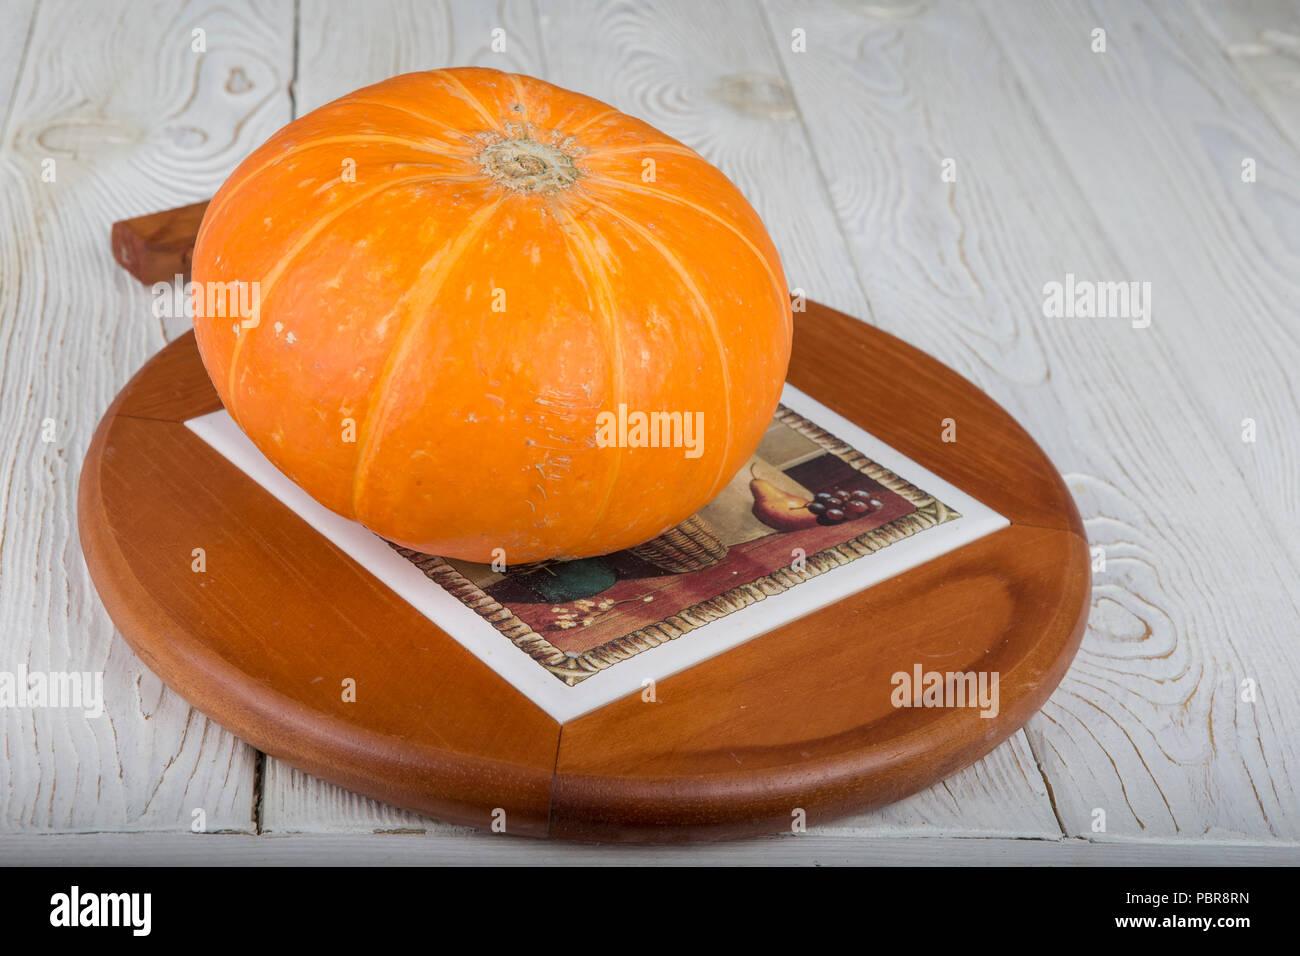 Calabaza fresca madura. Sobre una mesa de madera Foto de stock